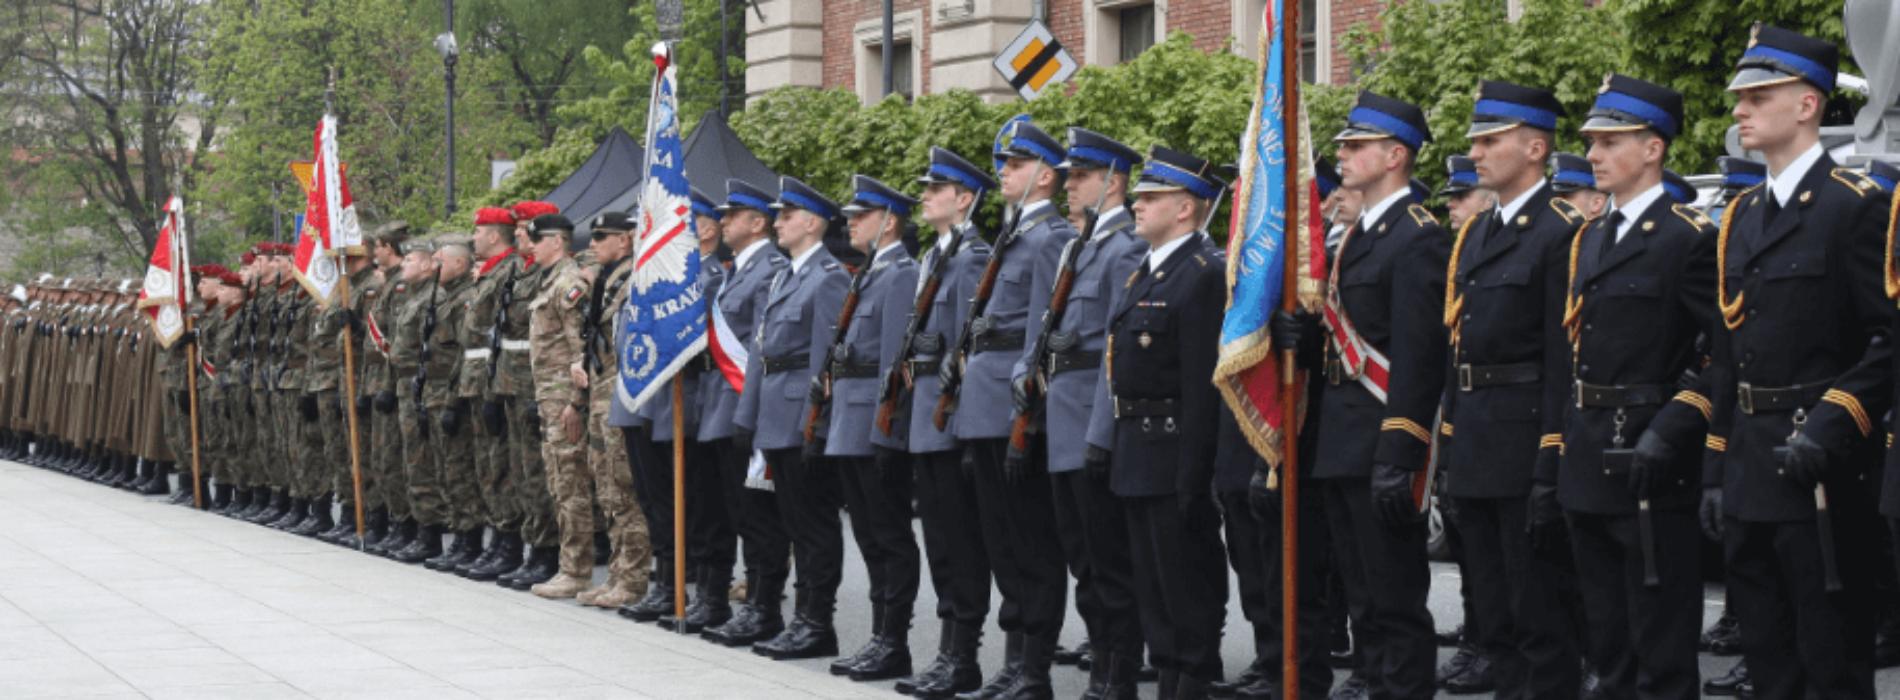 Obchody rocznicy uchwalenia Konstytucji 3 maja